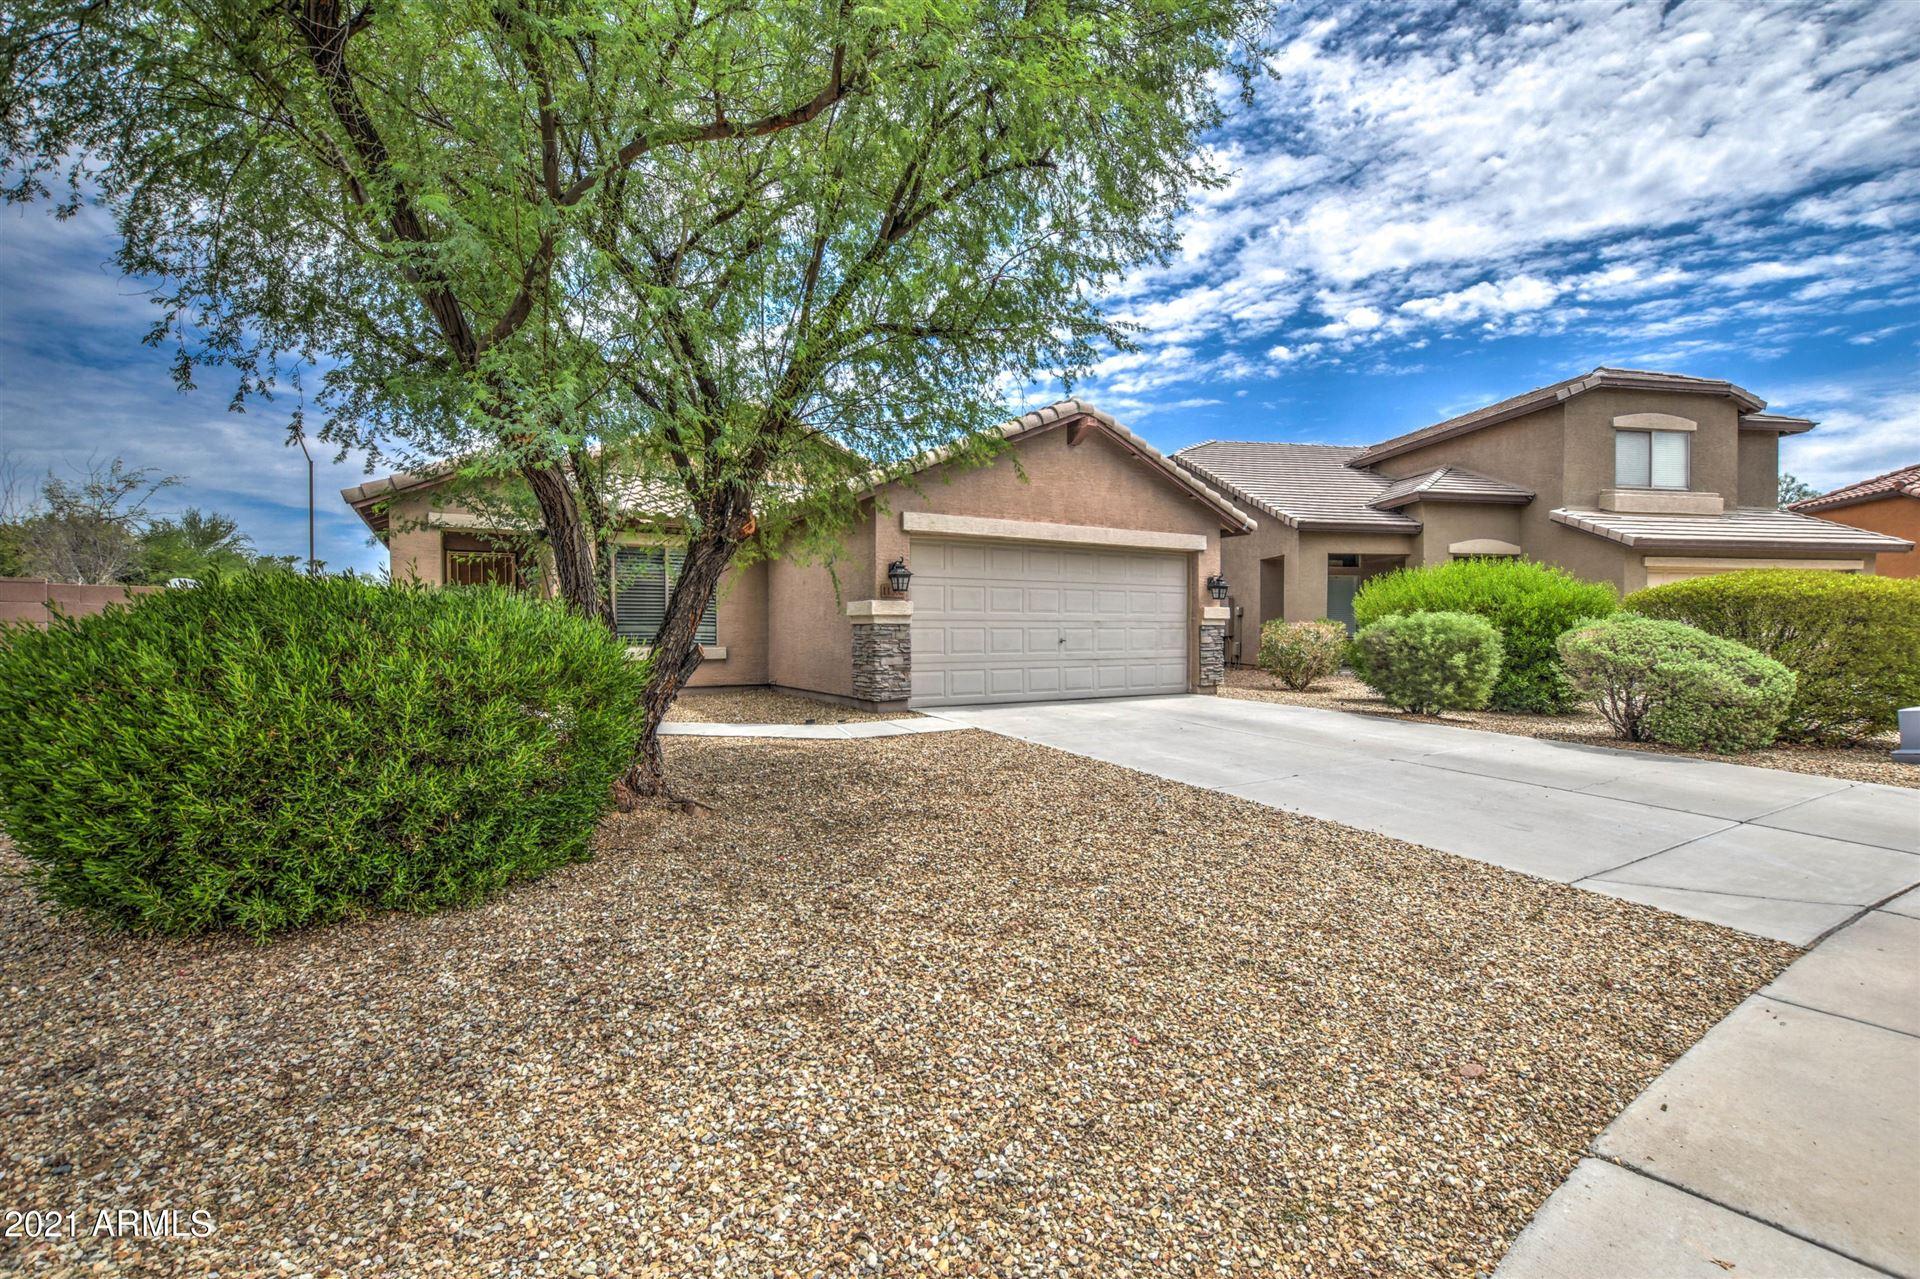 Photo of 11362 W BUCHANAN Street, Avondale, AZ 85323 (MLS # 6267784)